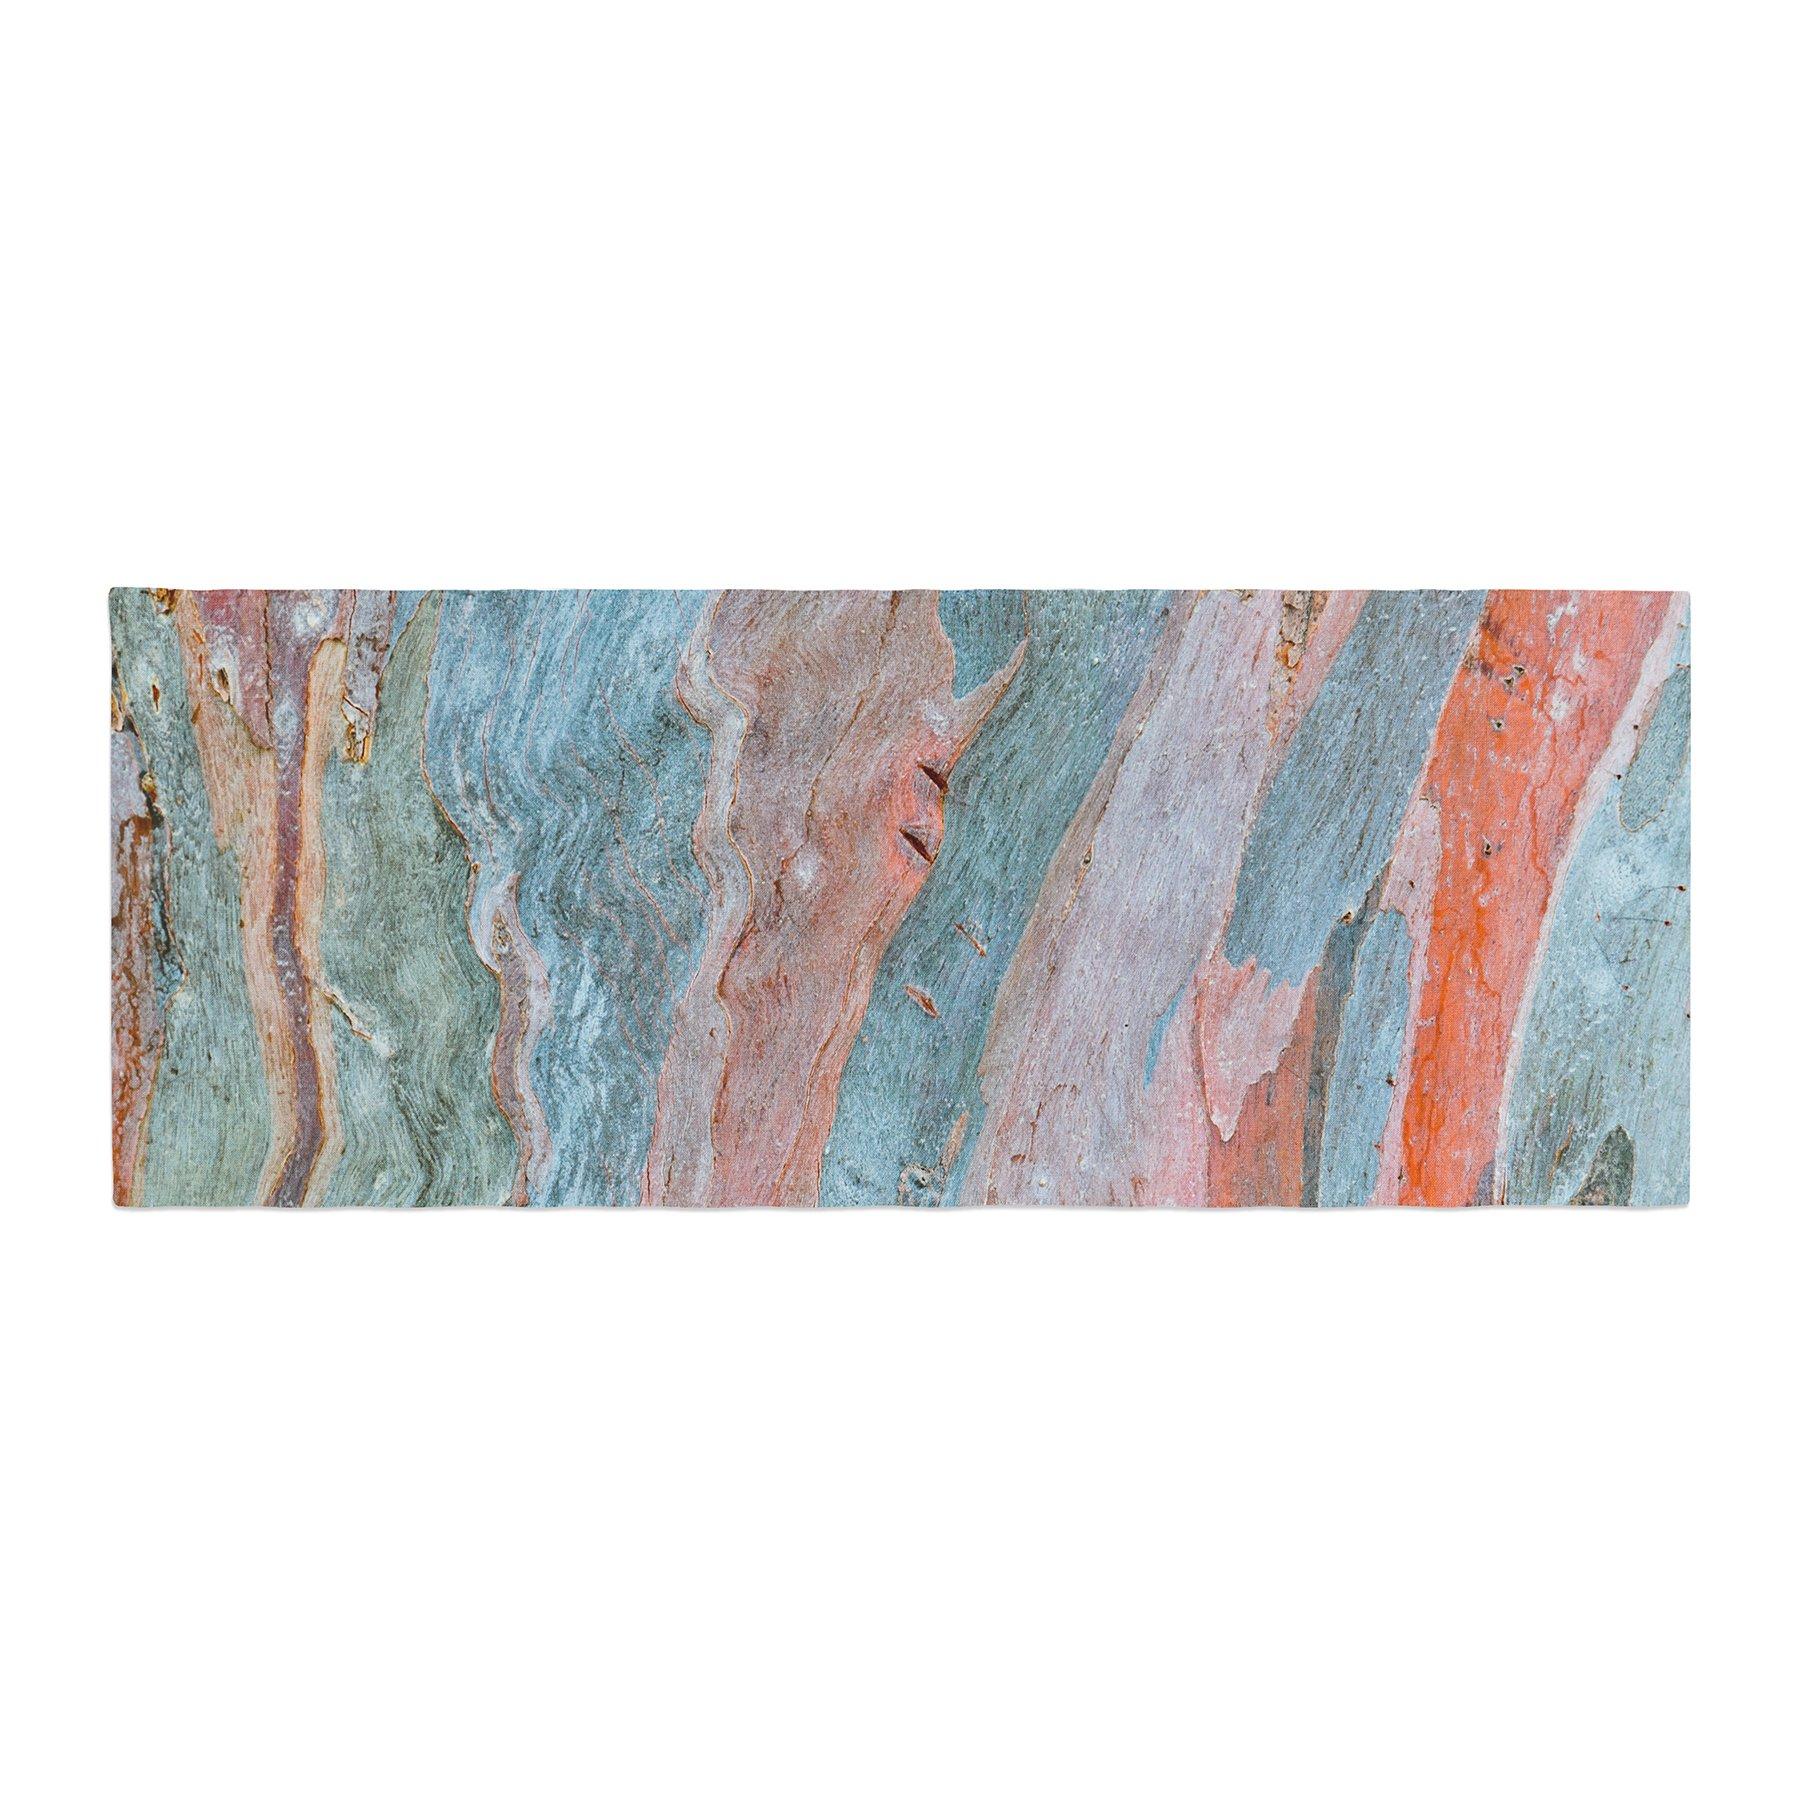 Kess InHouse Susan Sanders Beach Dreams Orange Blue Bed Runner, 34'' x 86''